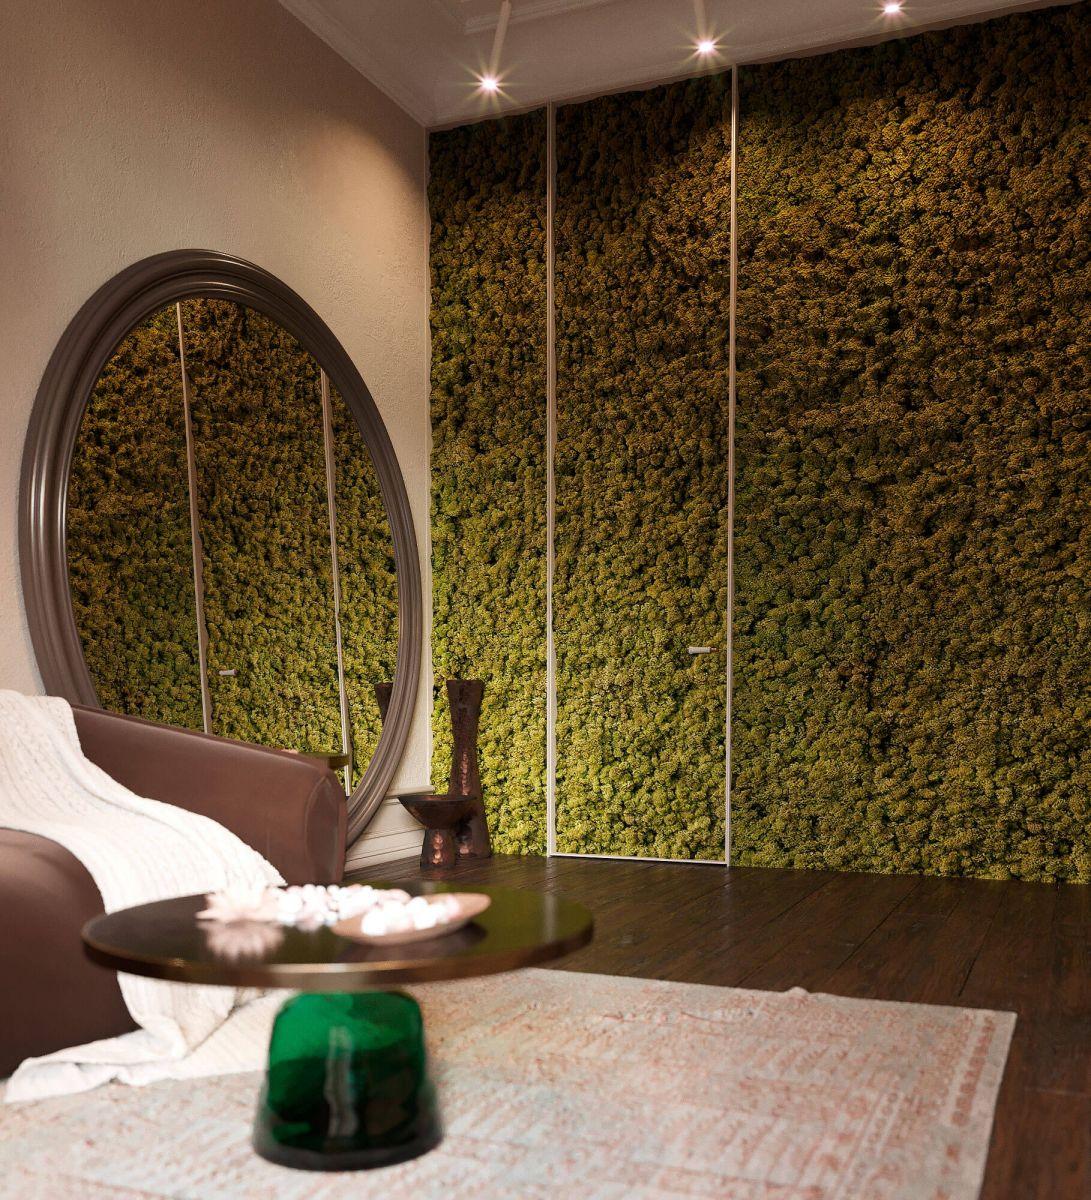 Стена комнаты покрыта натуральным мхом приятного зеленого цвета, дающего ощущение единения с природой.